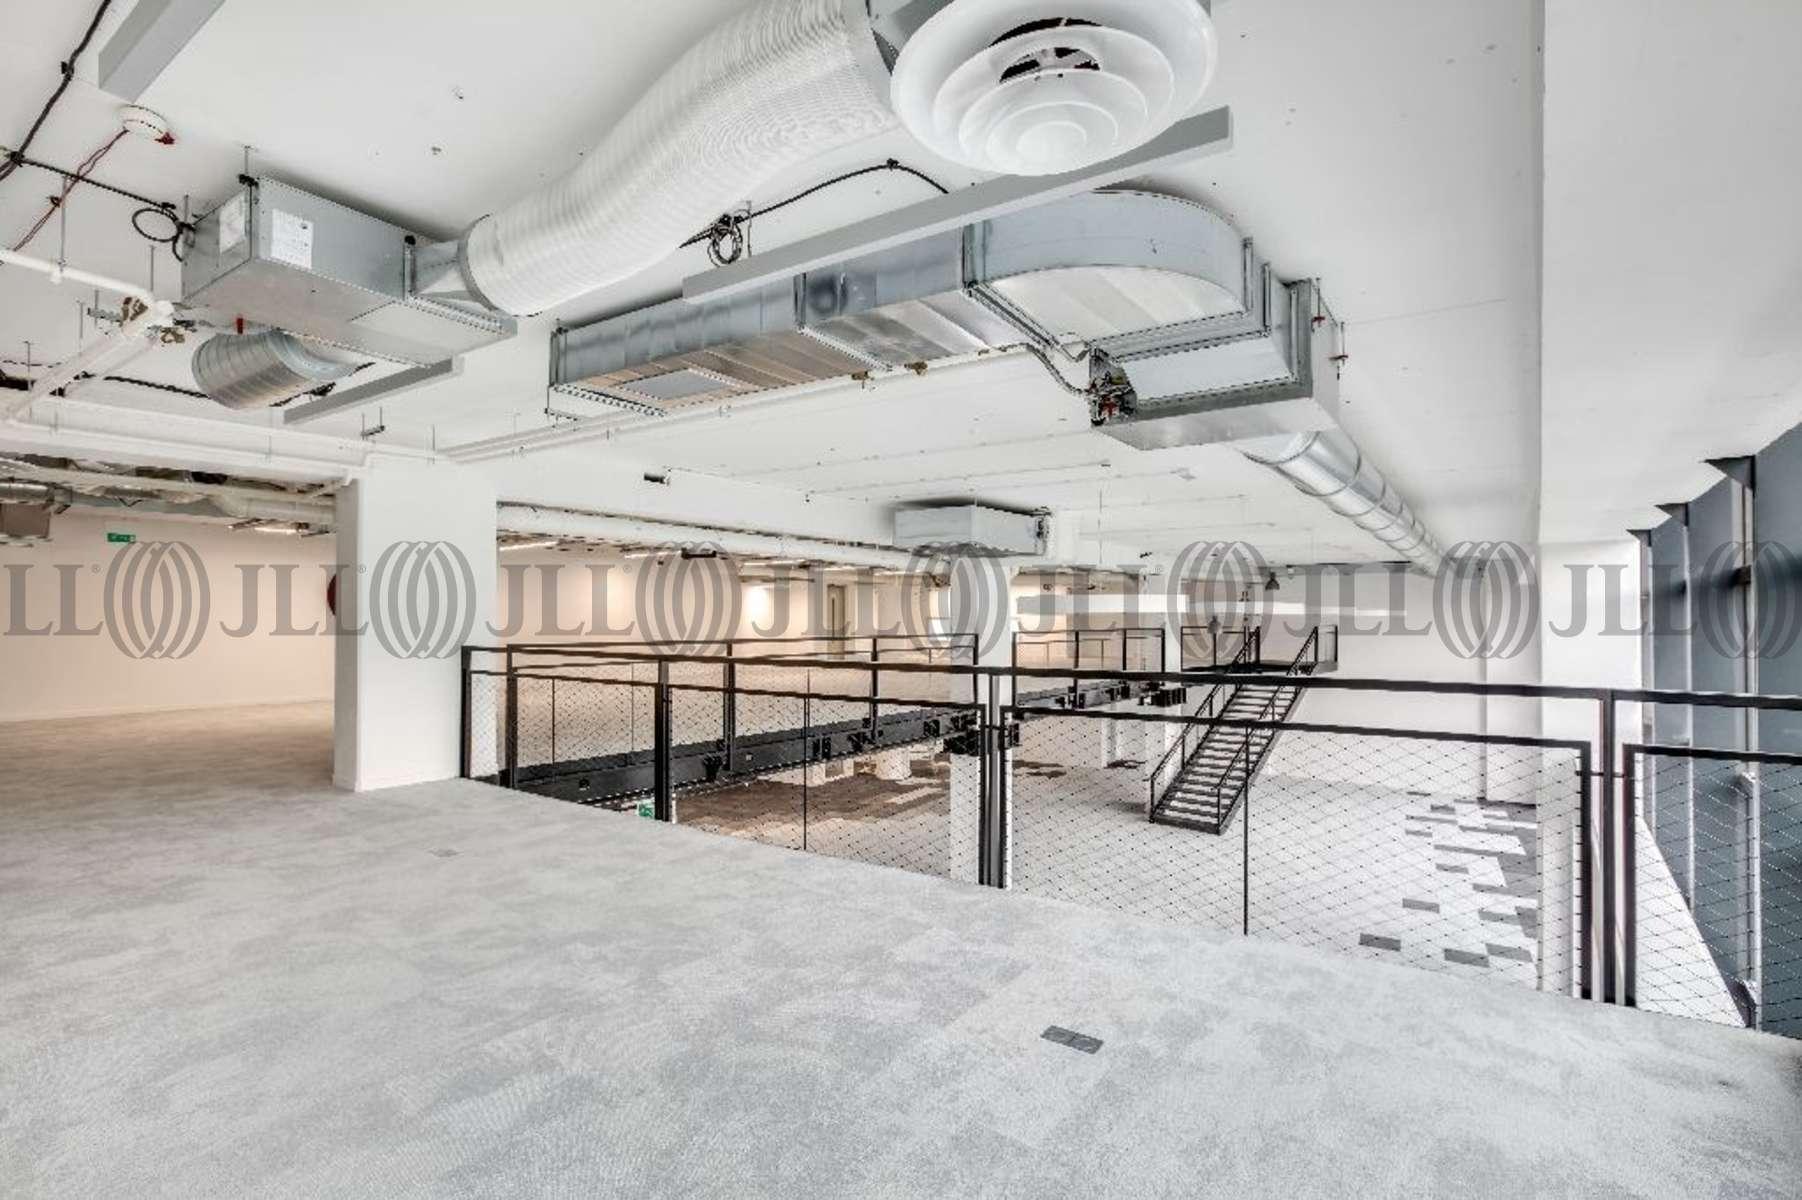 bureaux louer immeuble lumiere 75012 paris 51718 jll. Black Bedroom Furniture Sets. Home Design Ideas